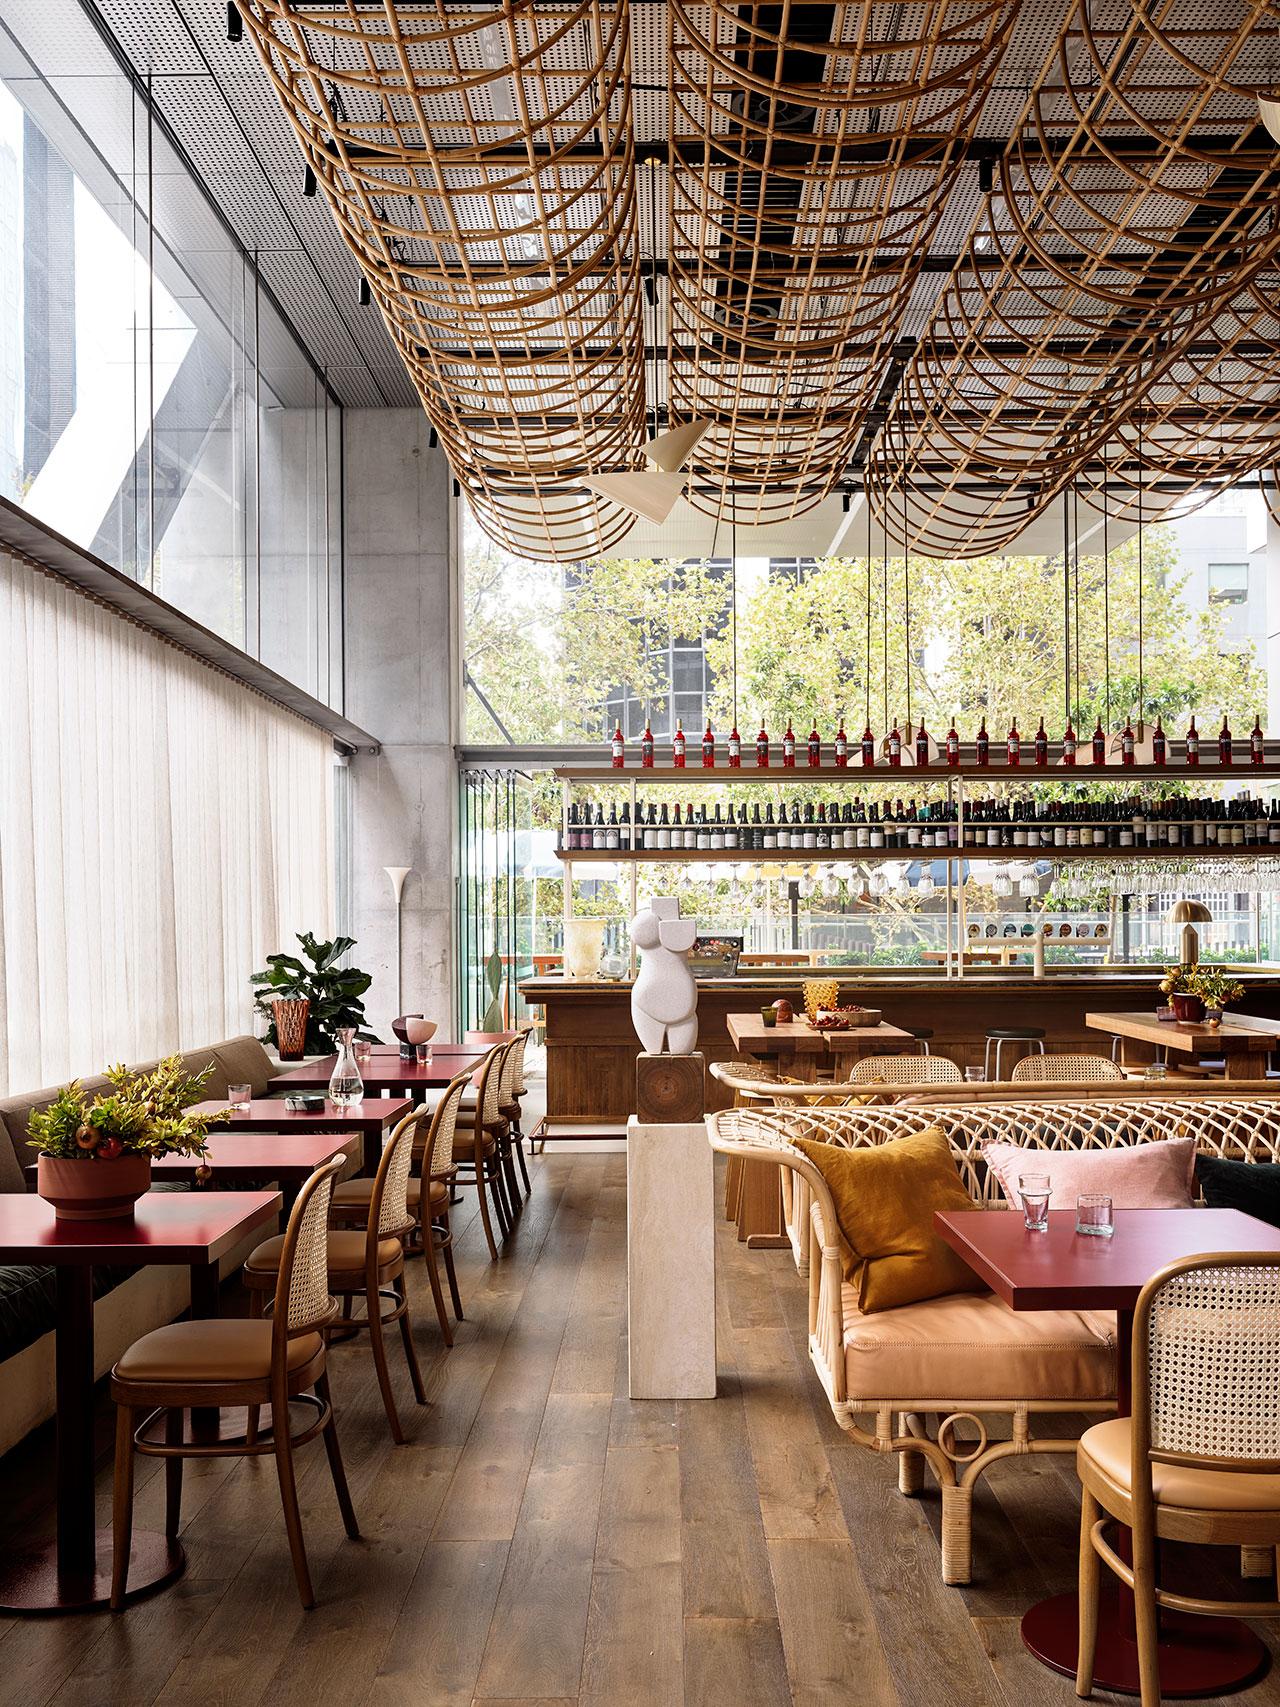 Glorietta restaurant by Alexander & CO. Photo by Anson Smart.